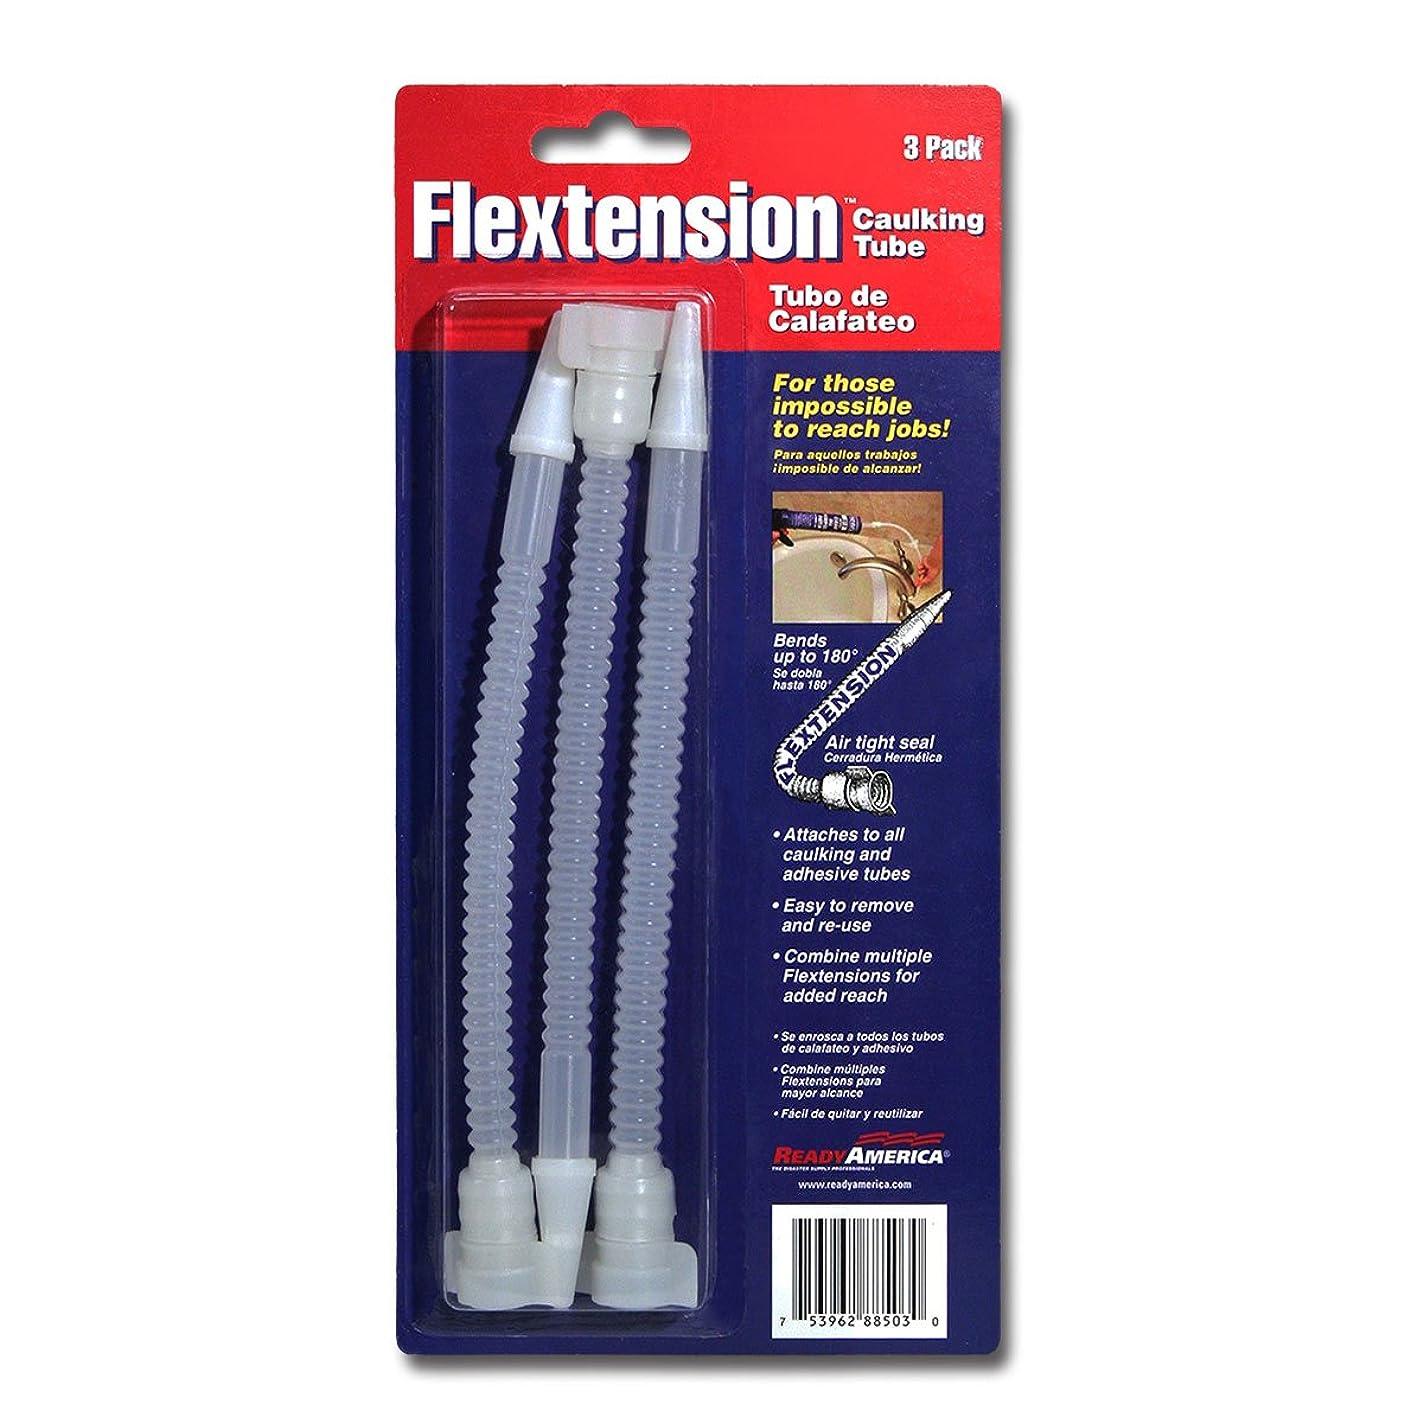 Ready America FT-88503 Flextension Caulking Tube Tip, 3-Pack